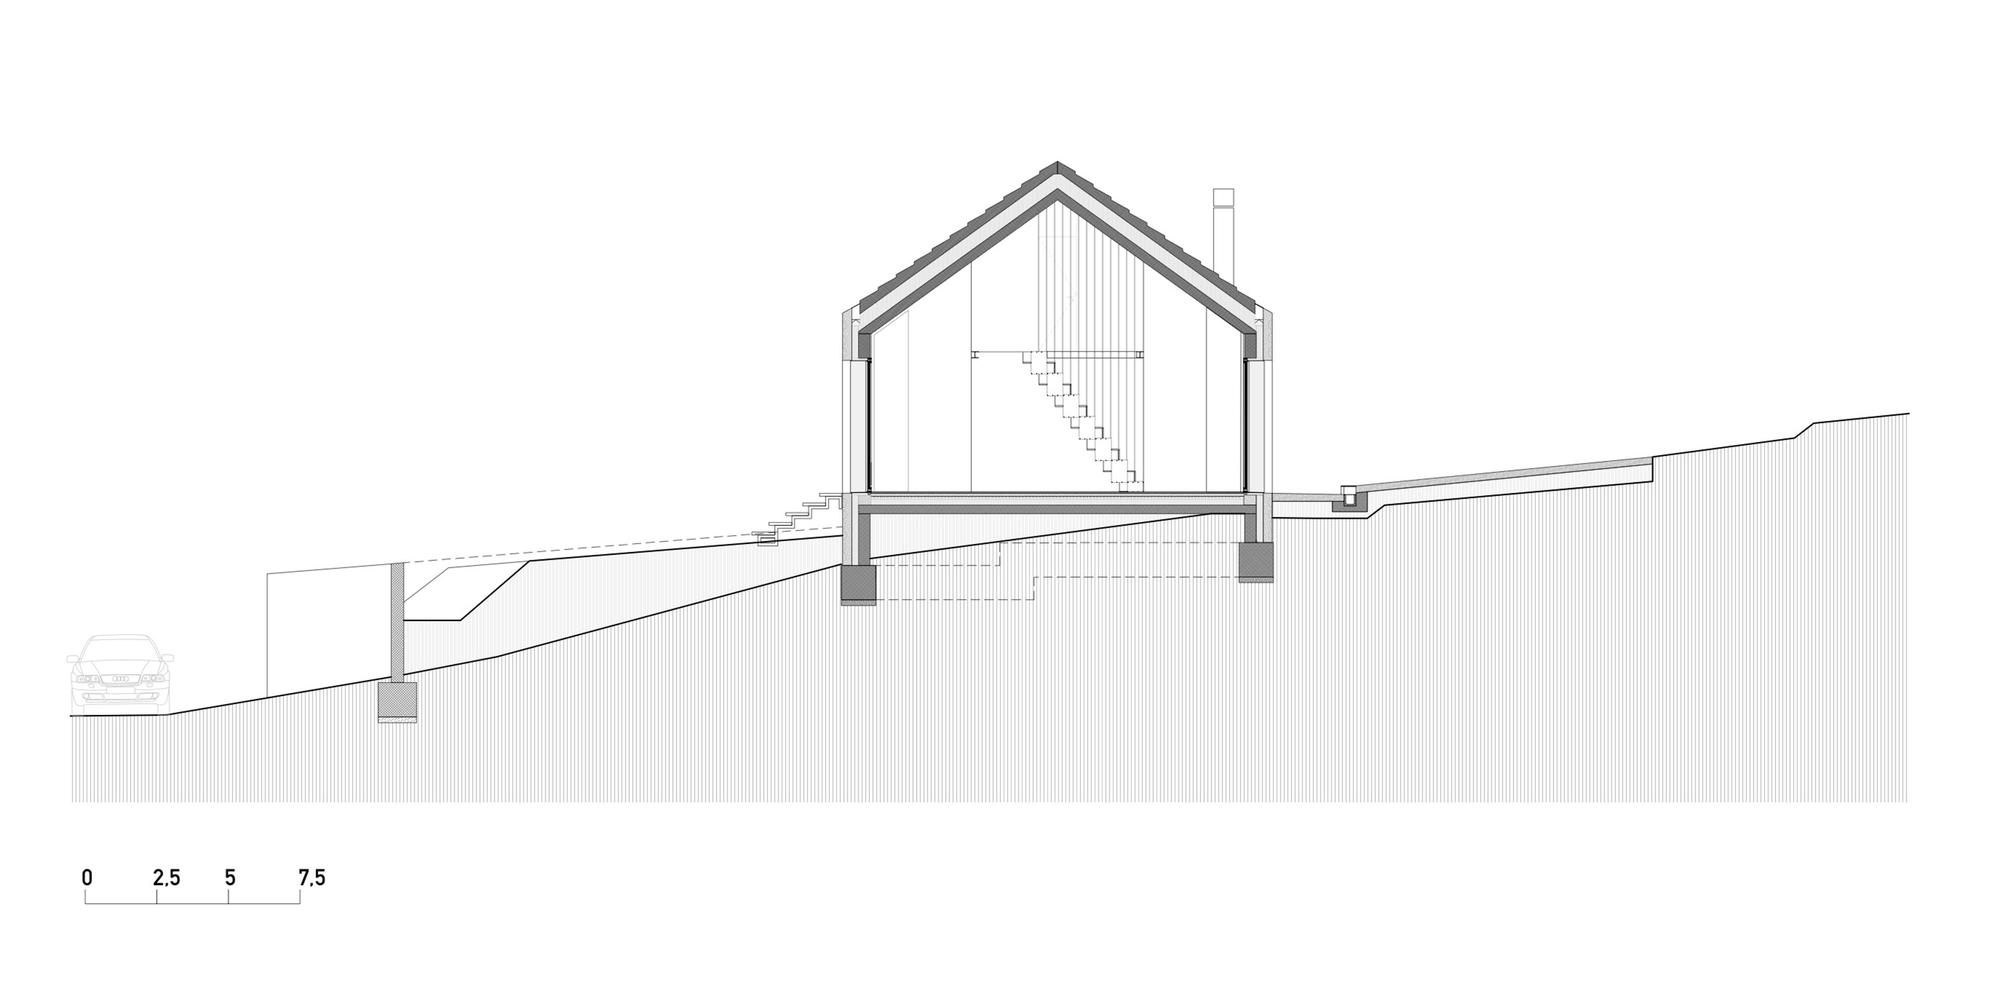 Compact_Karst_House-dekleva_gregoric-35.png